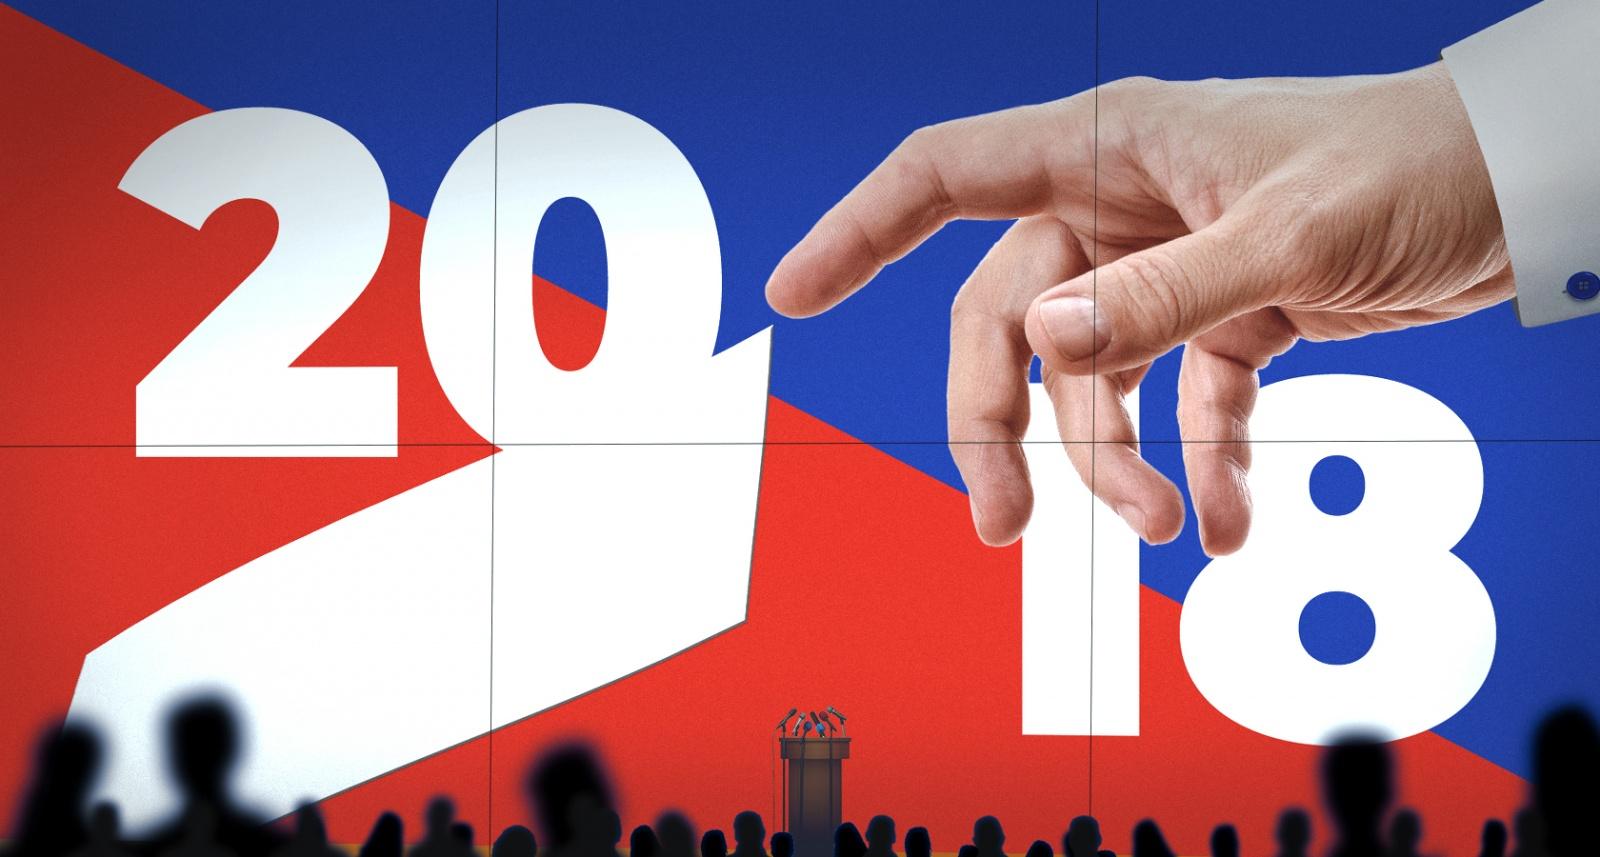 Логотип выборов за 37 миллионов VS. за 75 тысяч - 16